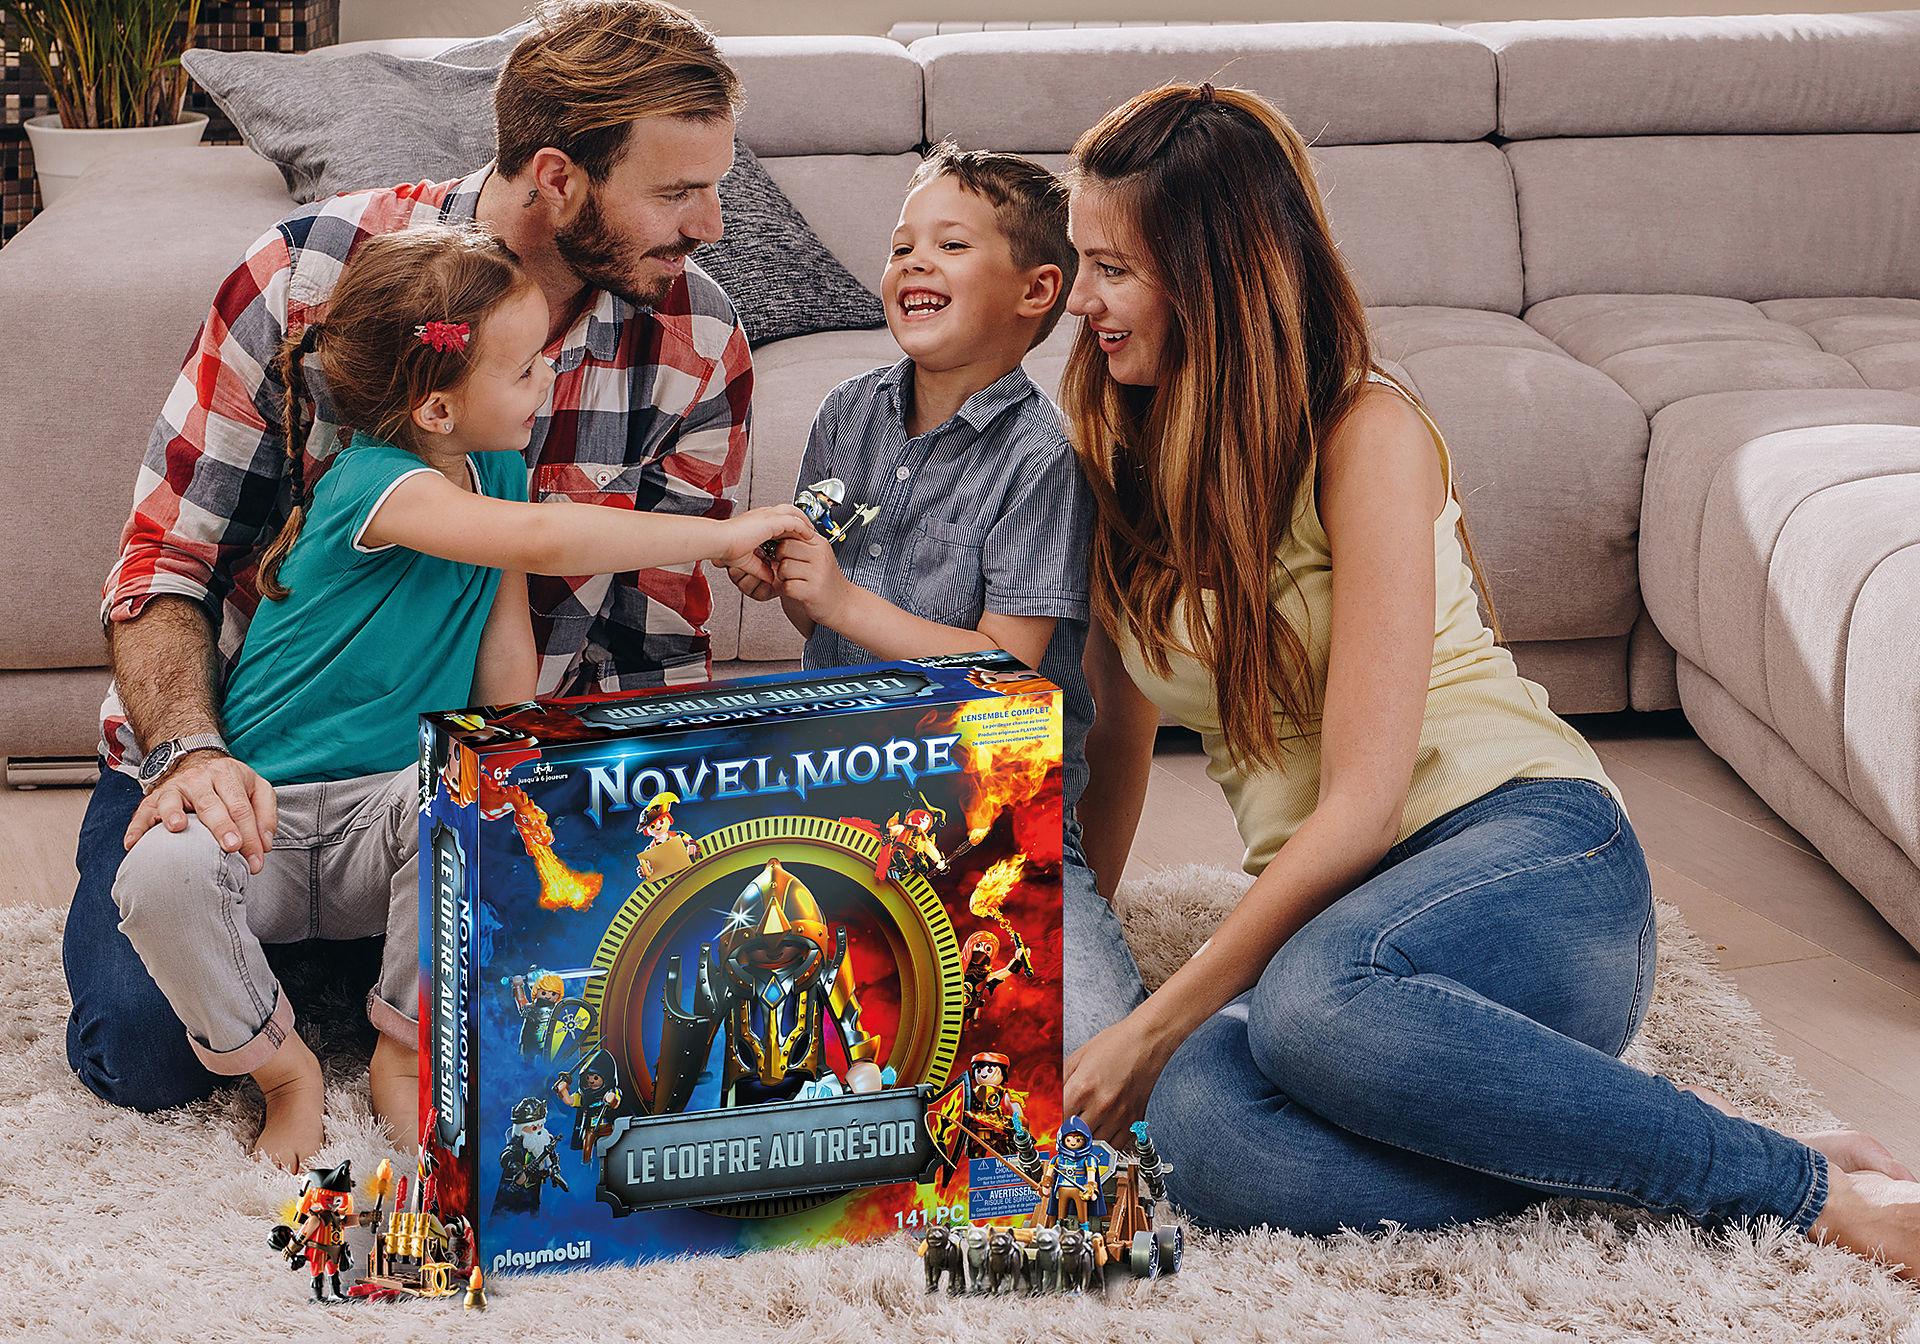 70846 Box PLAYMOBIL®: Le coffre au trésor NOVELMORE L'événement familial zoom image4